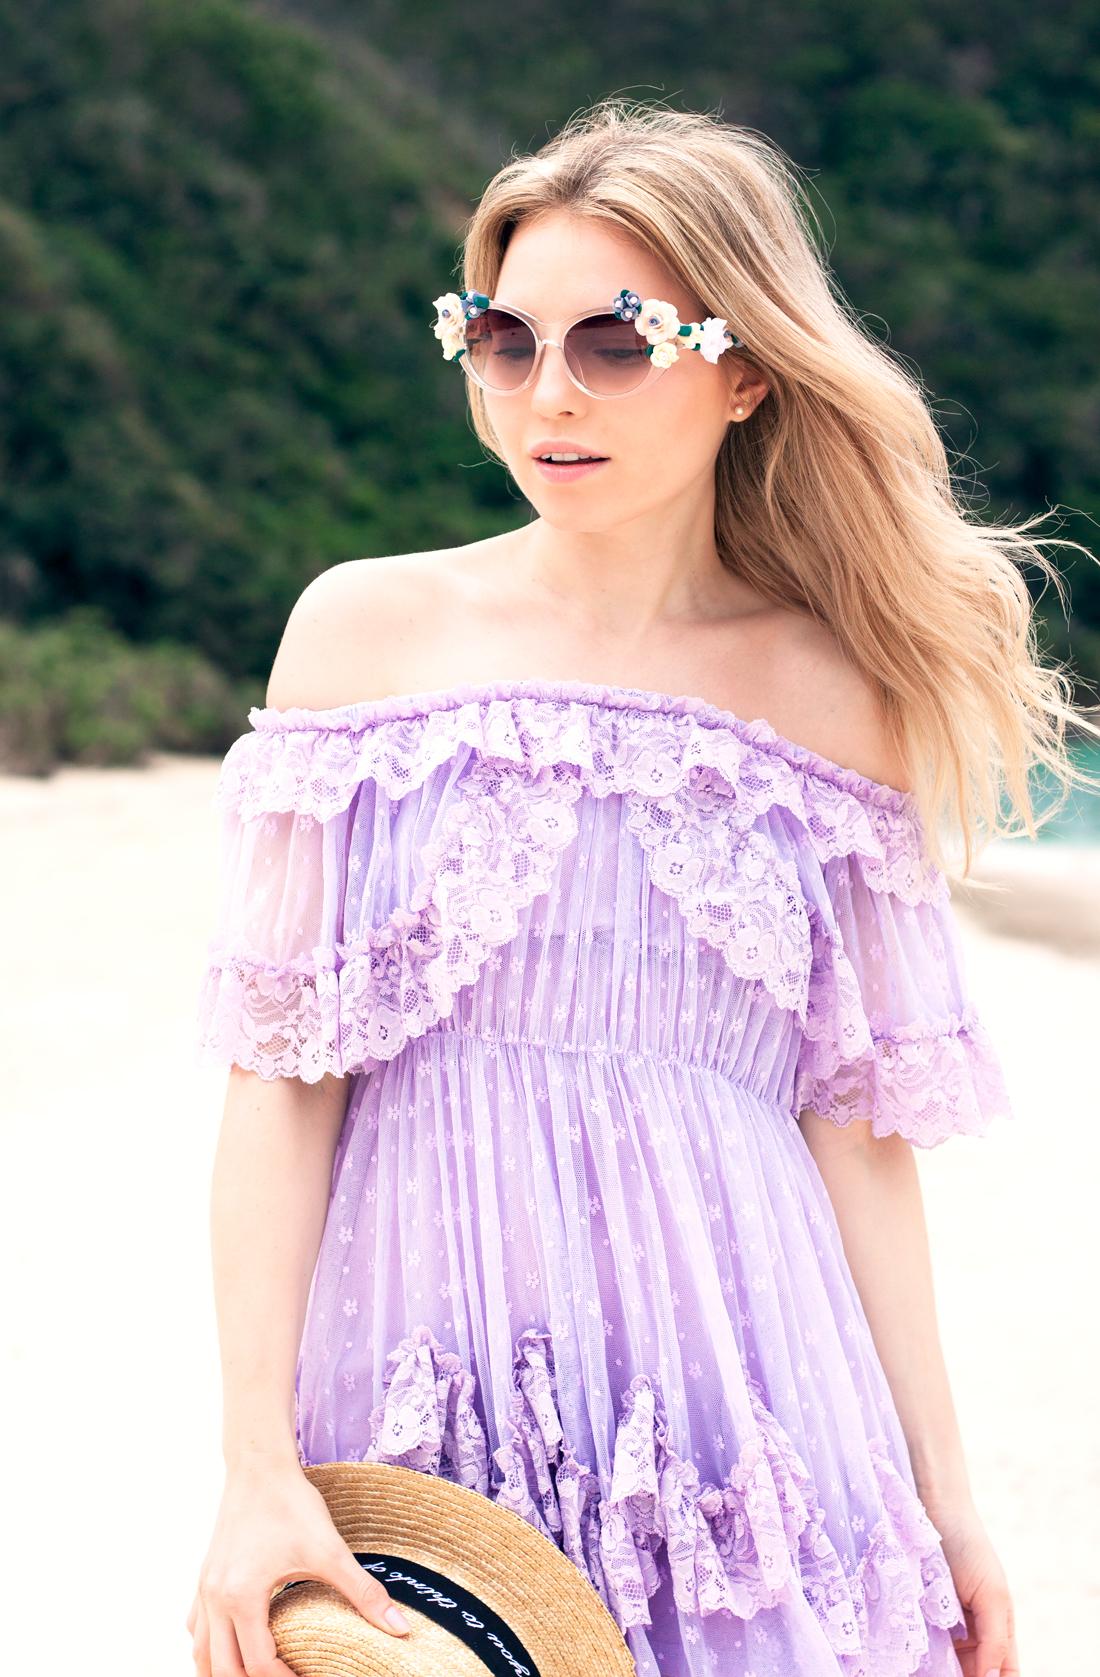 Tokashiki Island, Tokashiku beach, Japanese vacation, okinawa, okinawa vacation, japanese summer, japan beach, paradise beach, purple lace dress, boathat, flower sunglasses